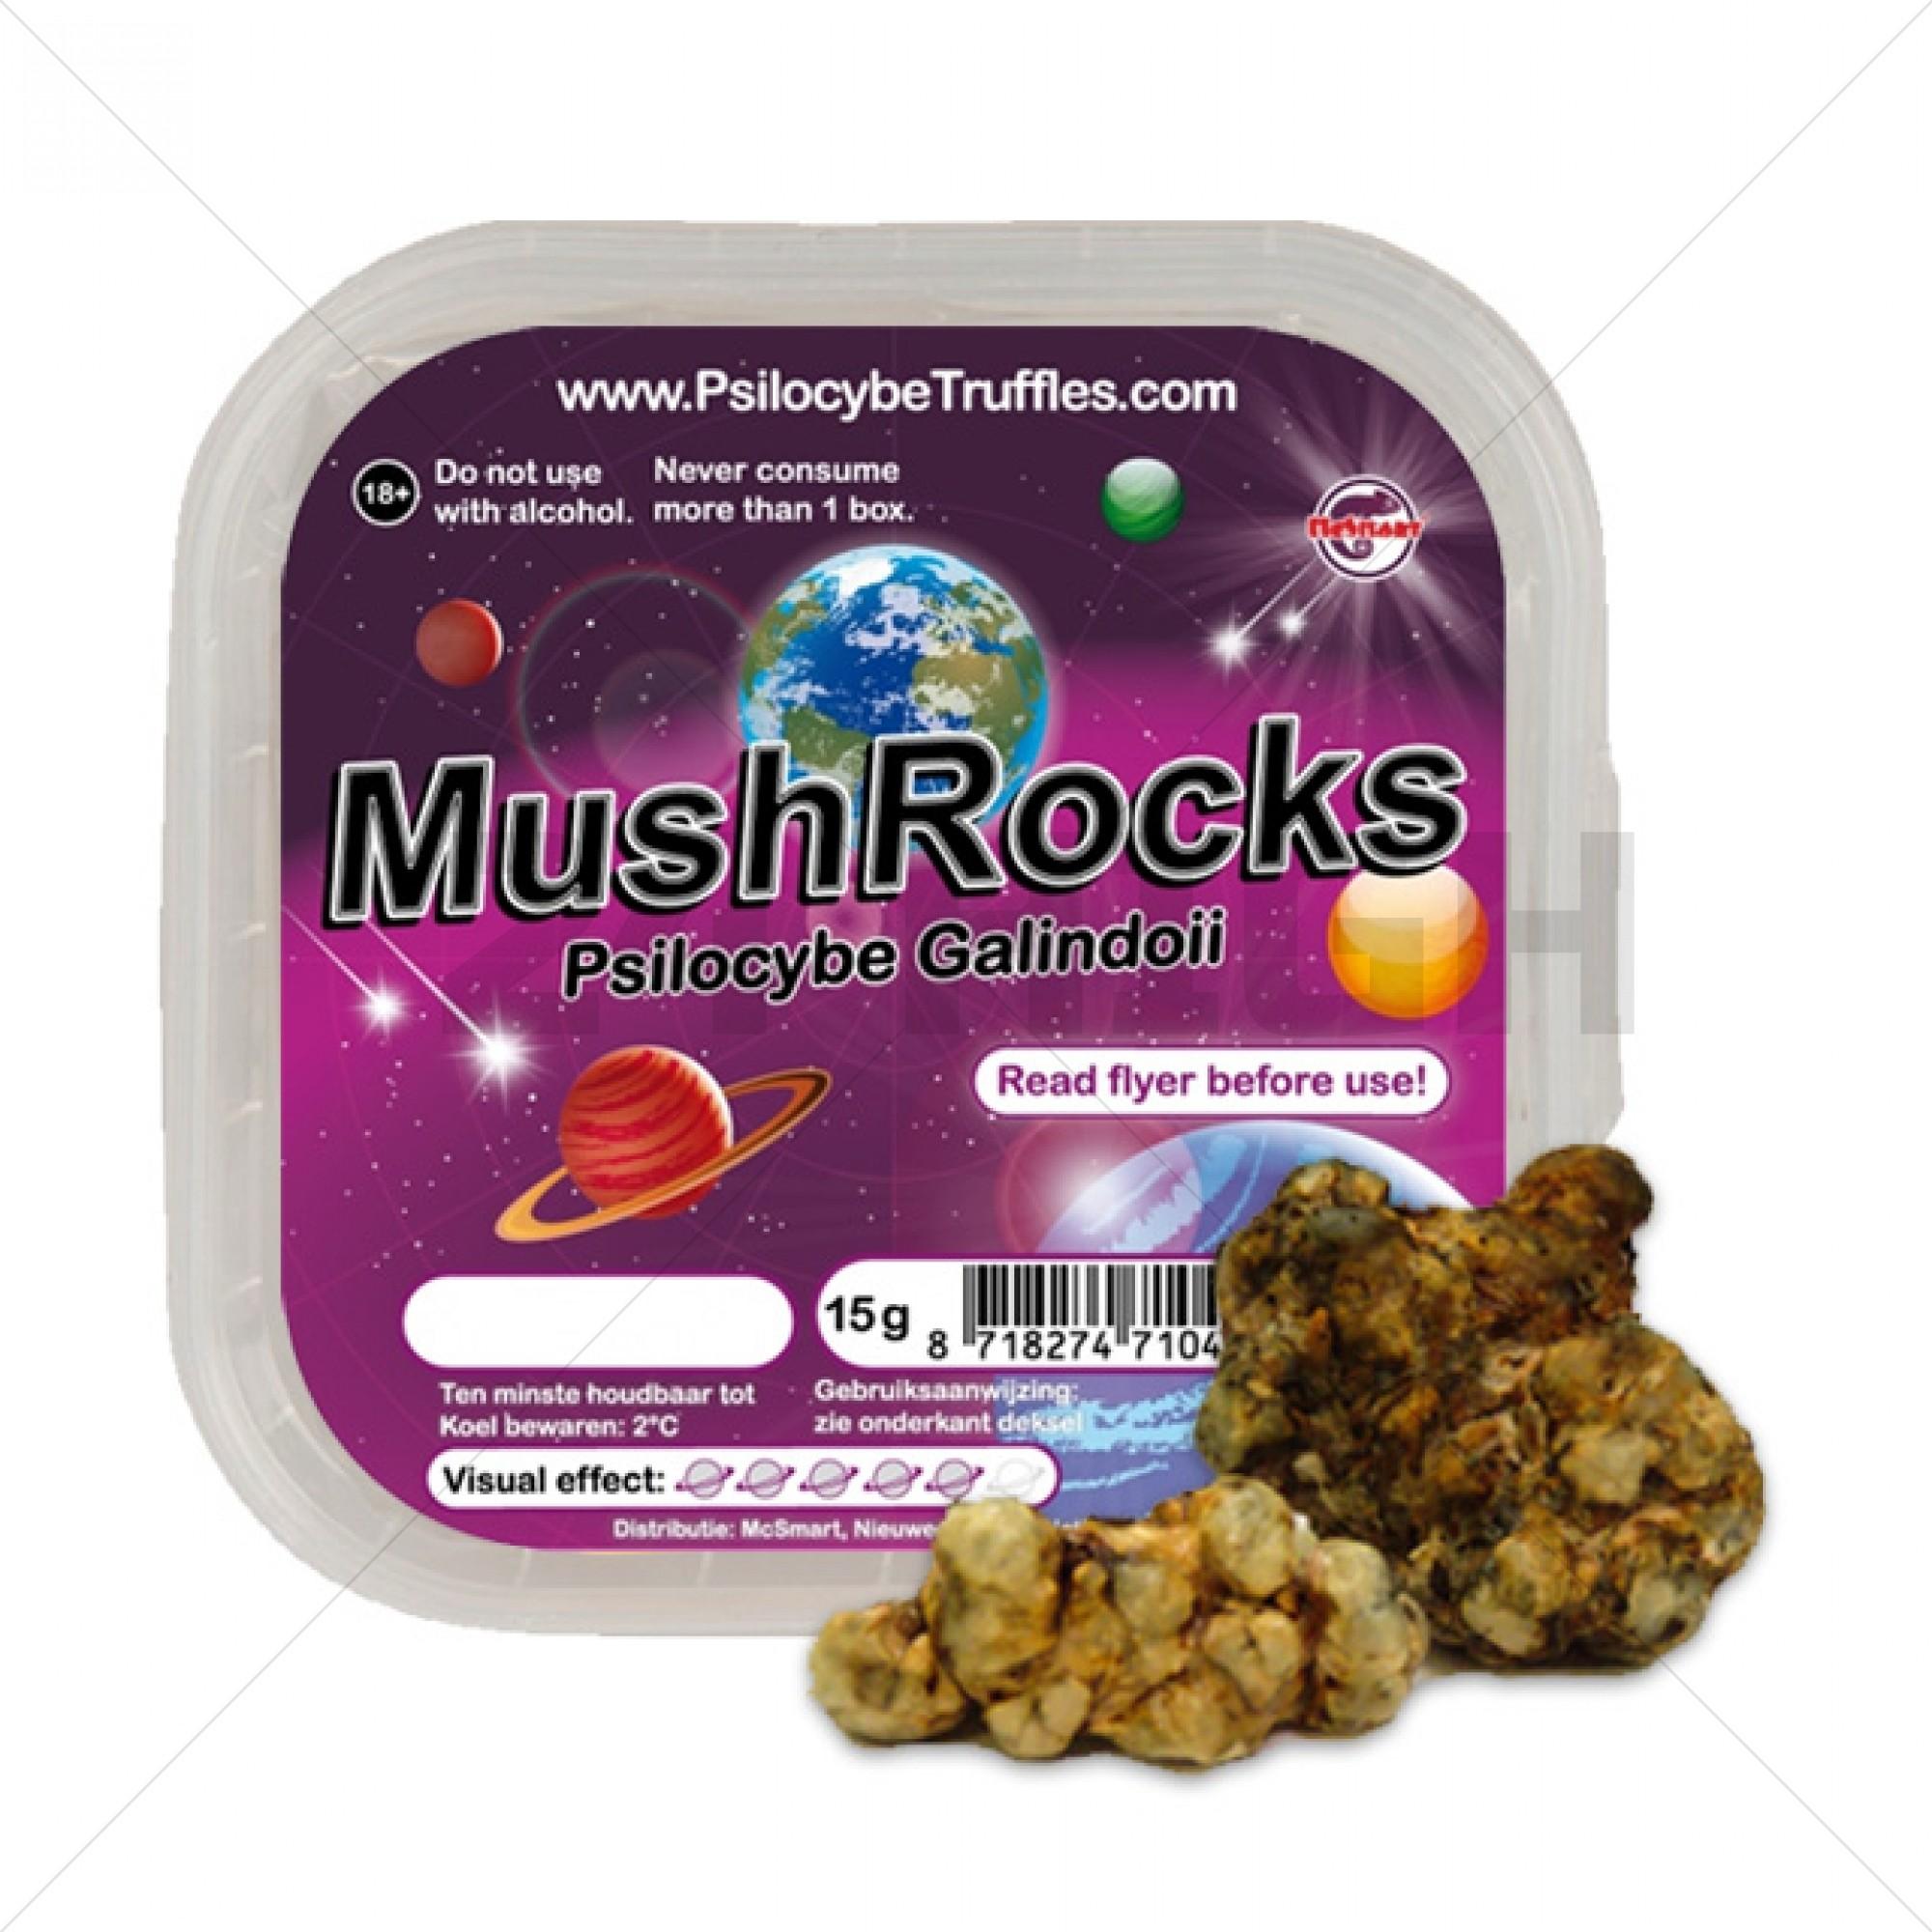 Mush Rocks Truffles